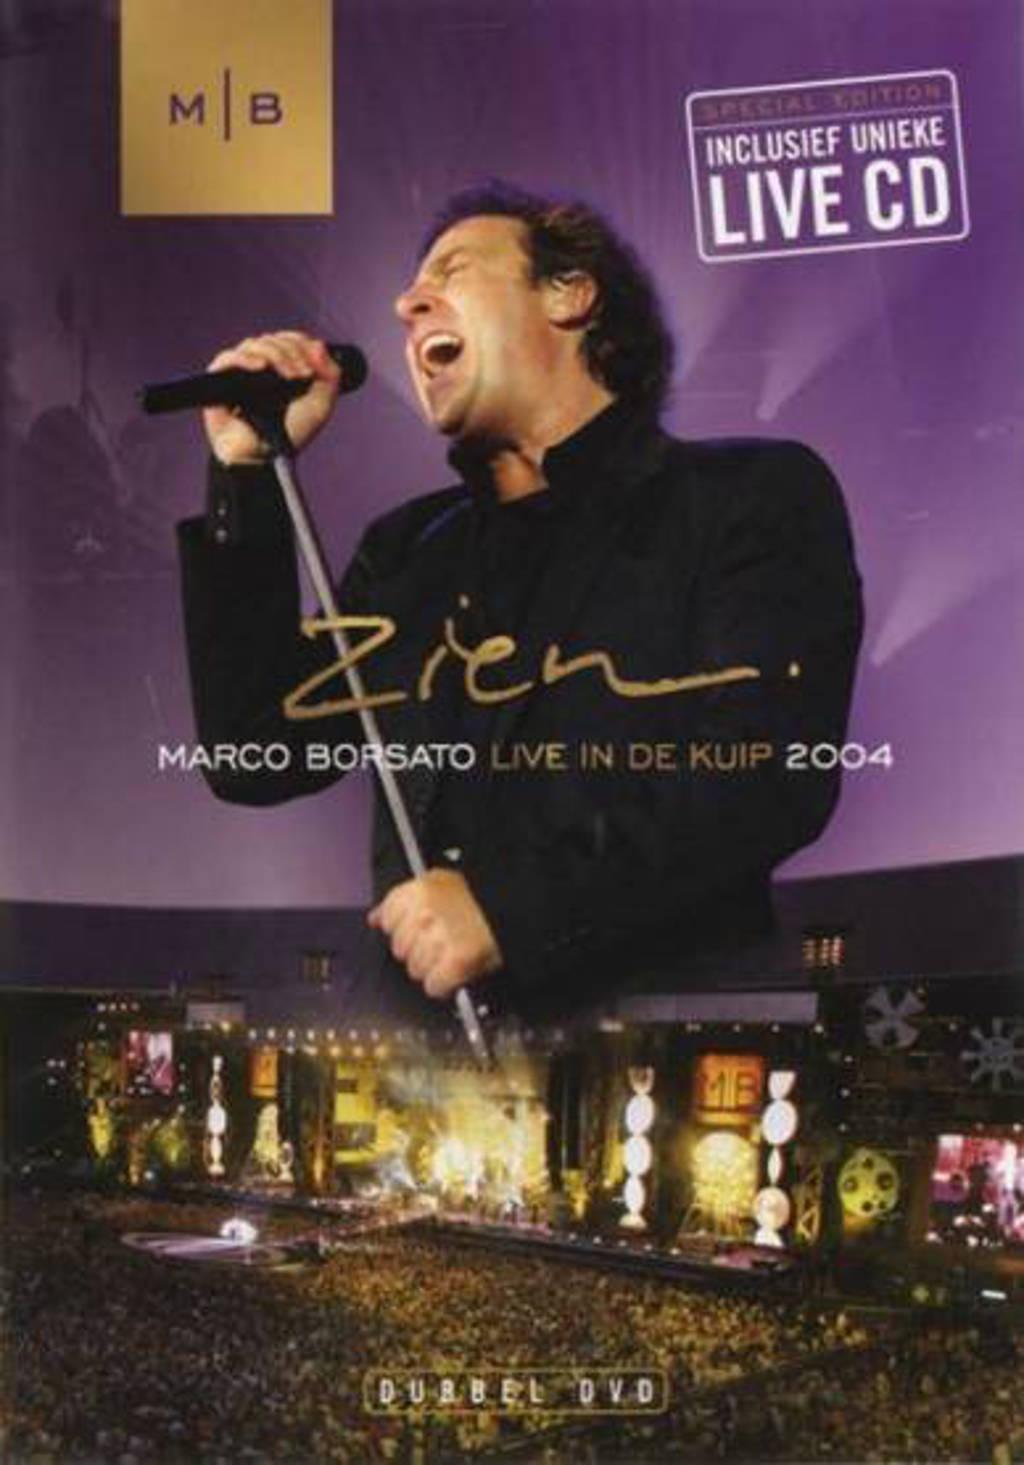 Marco Borsato - Zien,Live In De Kuip 2004 (DVD)